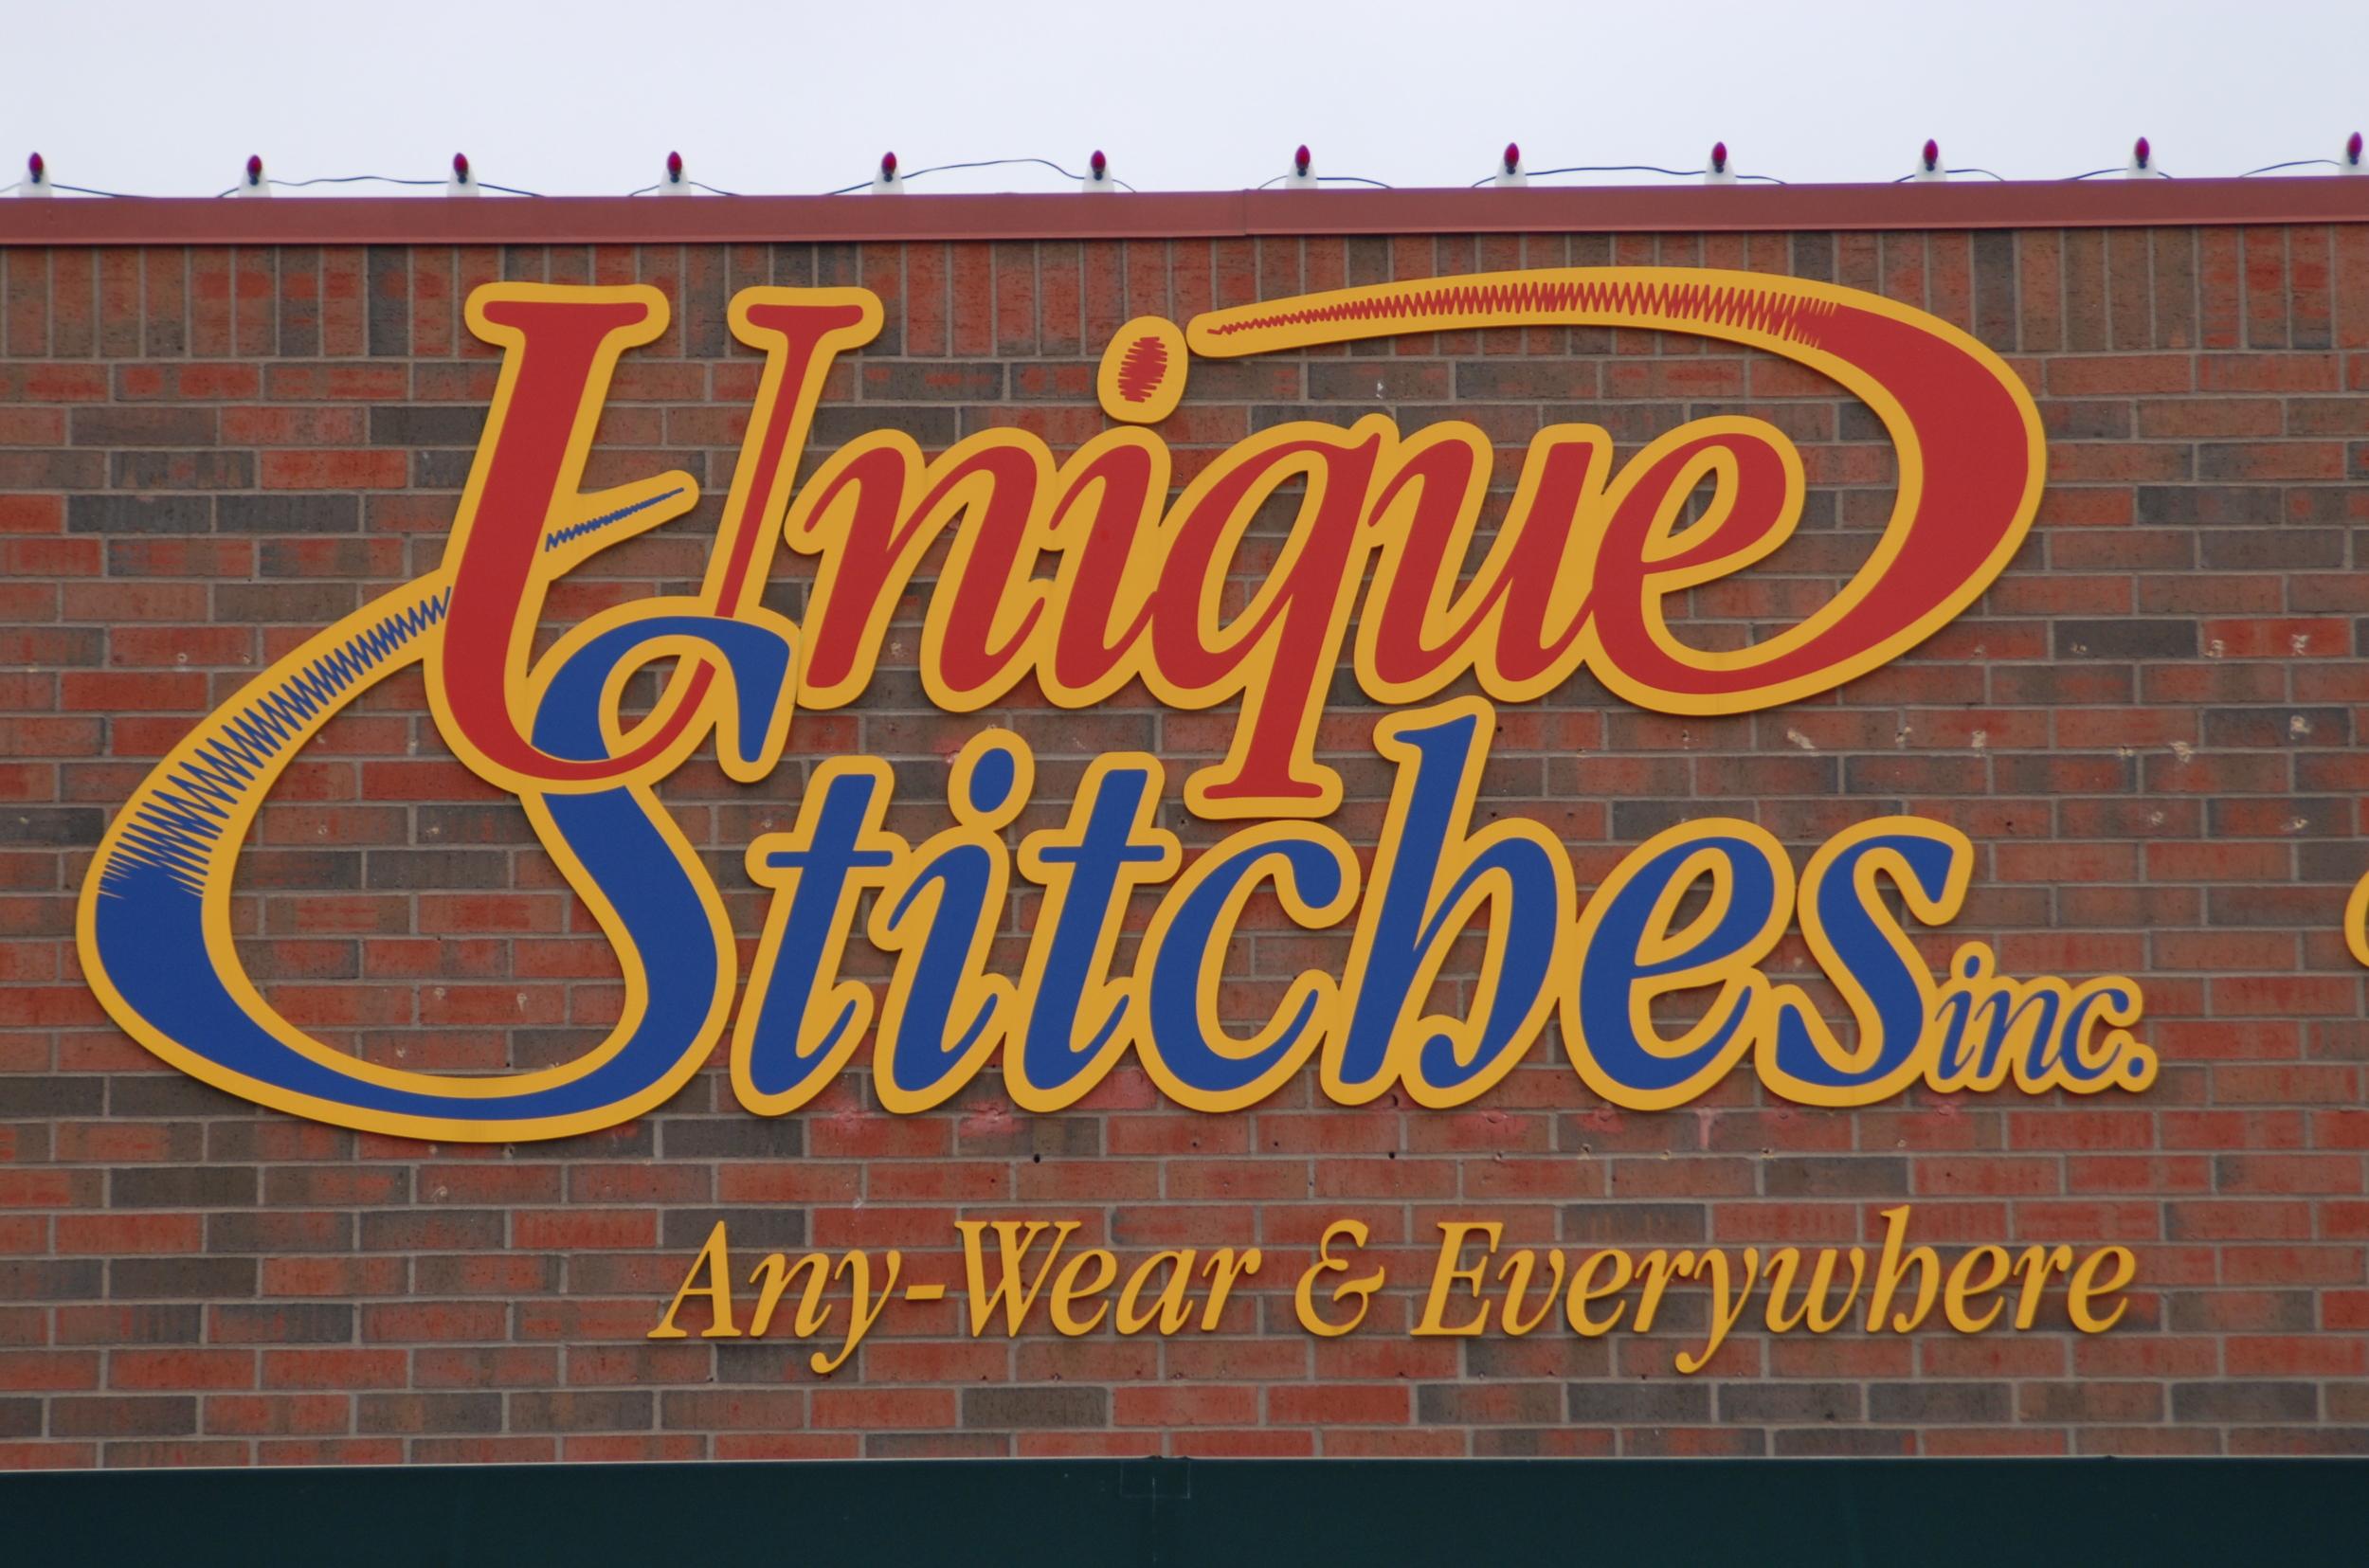 Unique Stitches storefront sign.